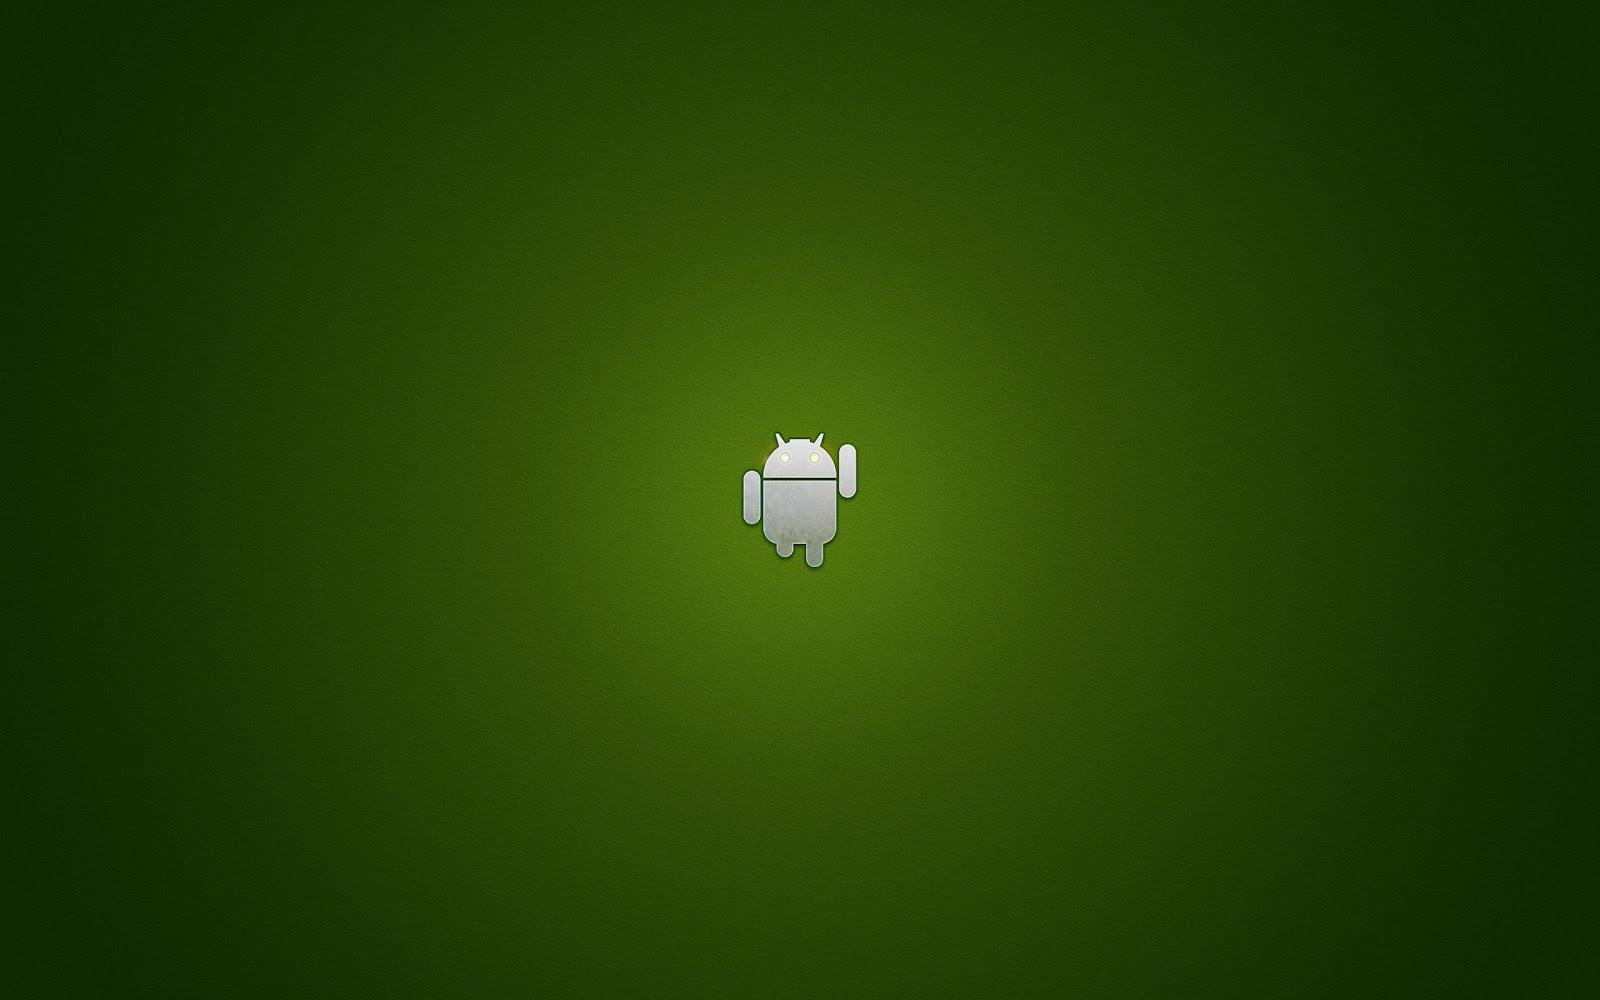 http://3.bp.blogspot.com/-aBdkJuZpiR4/T-yEoaHc3ZI/AAAAAAAAAhI/lZMWhtBDuRE/s1600/android+HD+Wallpaper+hd+(3).jpg